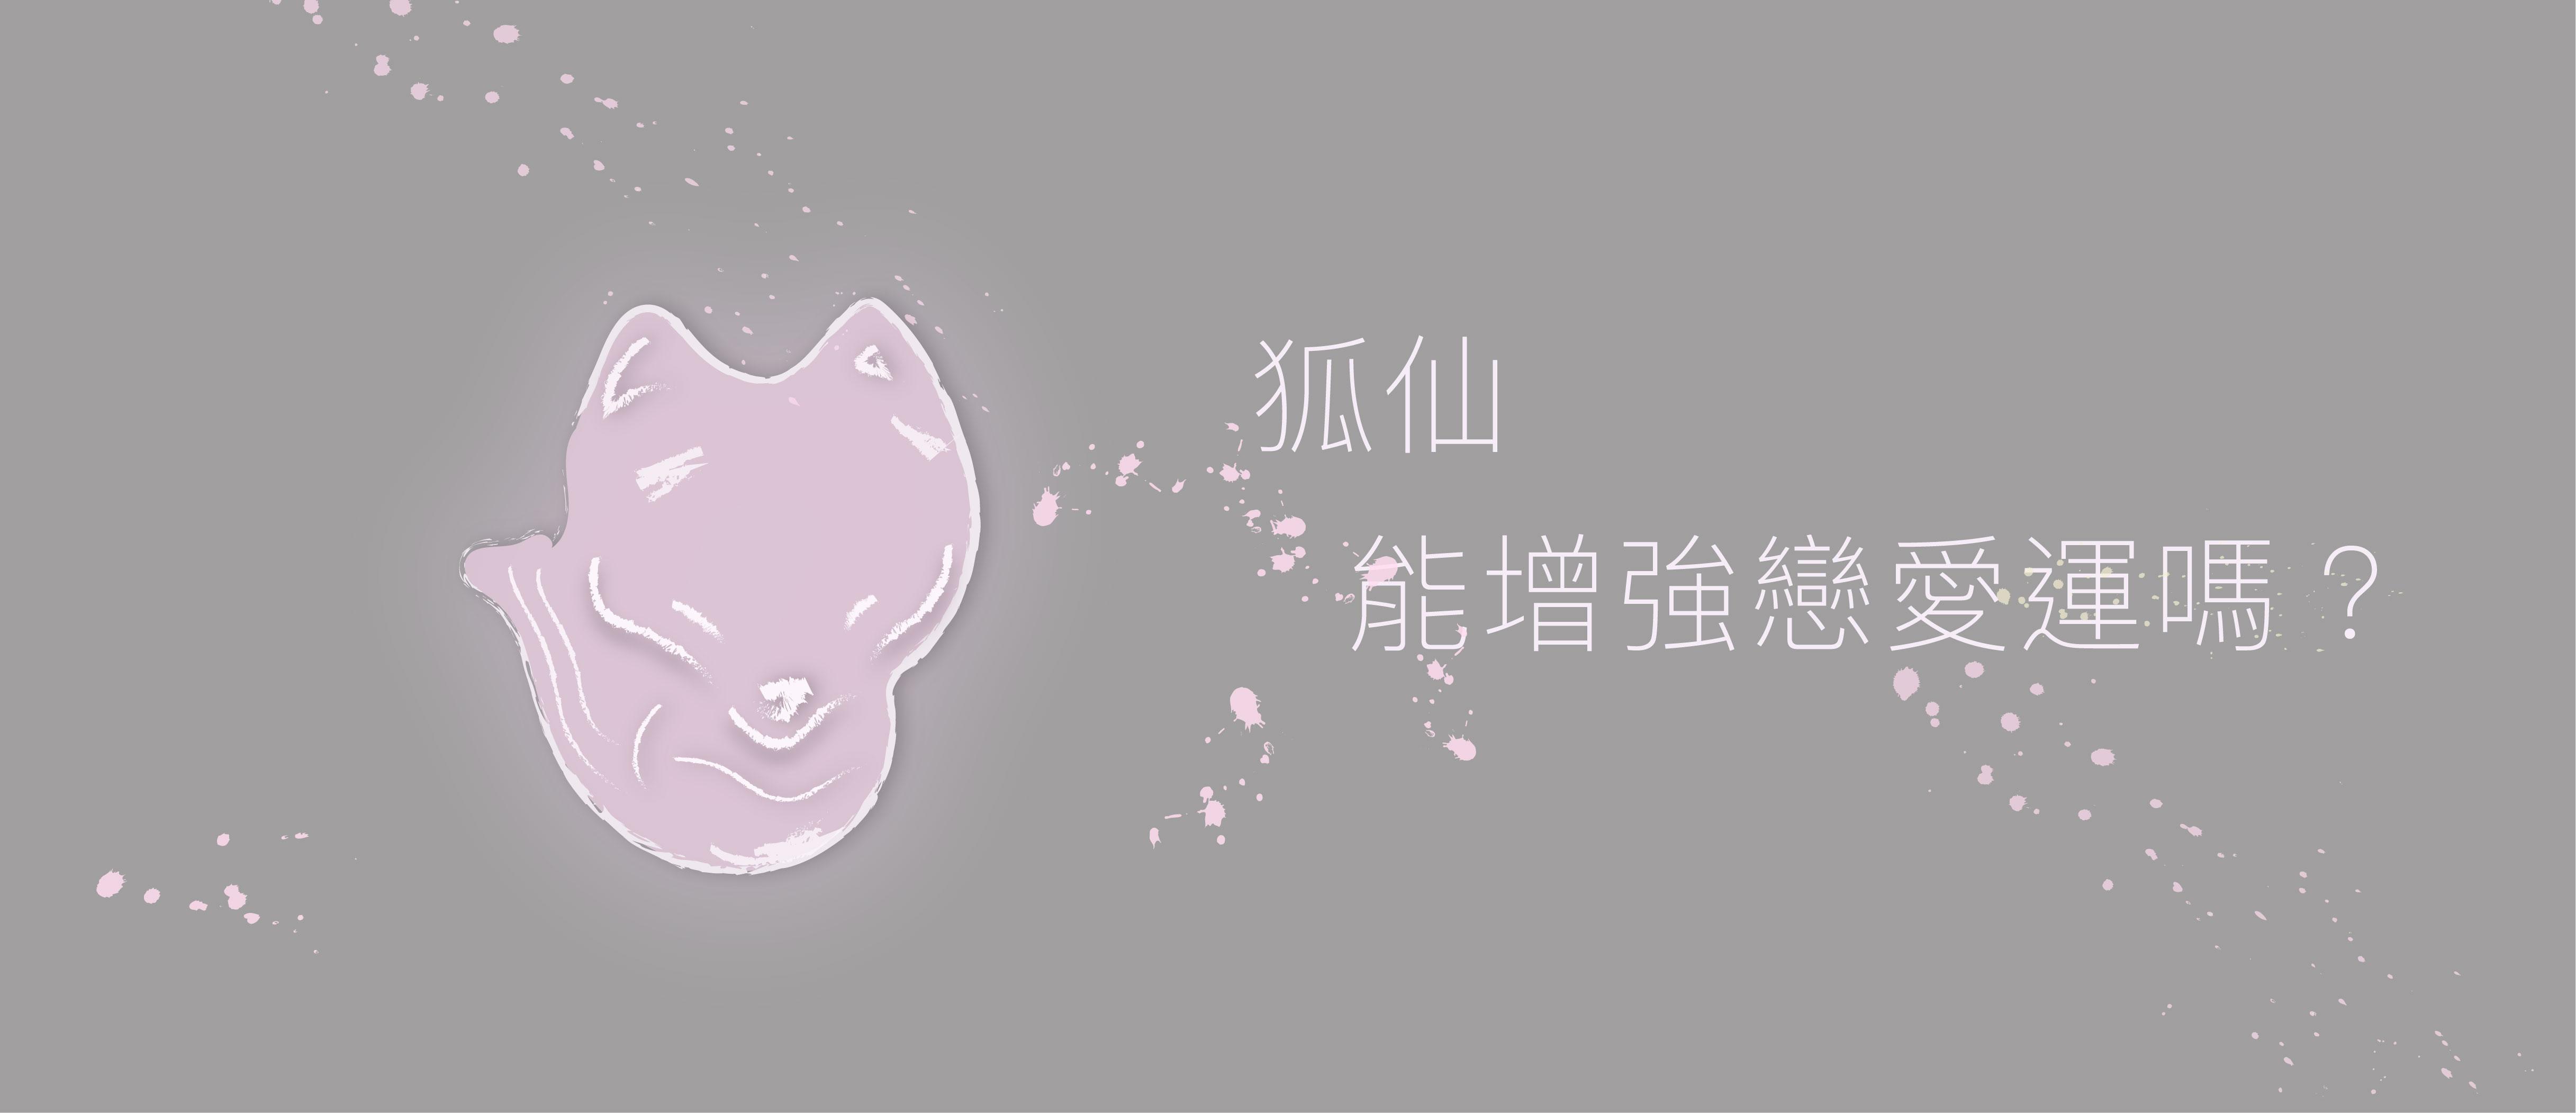 狐仙能增強戀愛運嗎?